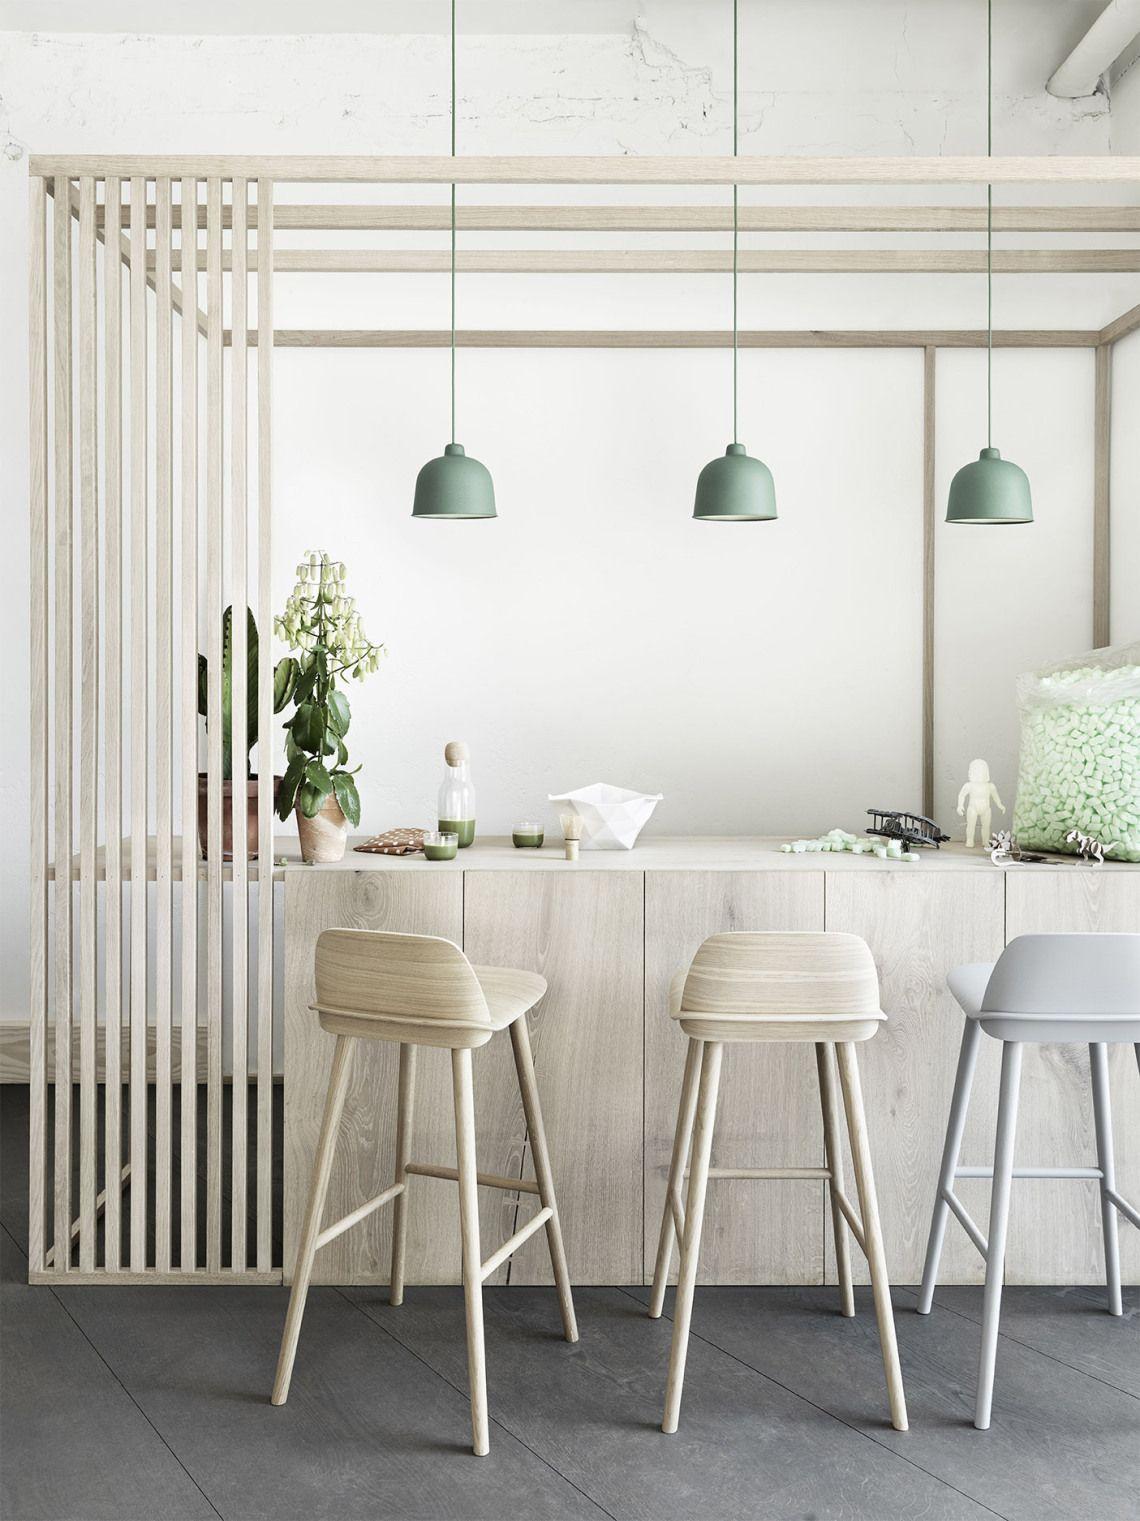 Na de succesvolle Fiber stoel is er van hetzelfde materiaal nu ook de Grain lamp! www.houtmerk.nl/Hanglamp-Muuto-type-Grain-bamboe-vezels-plastic